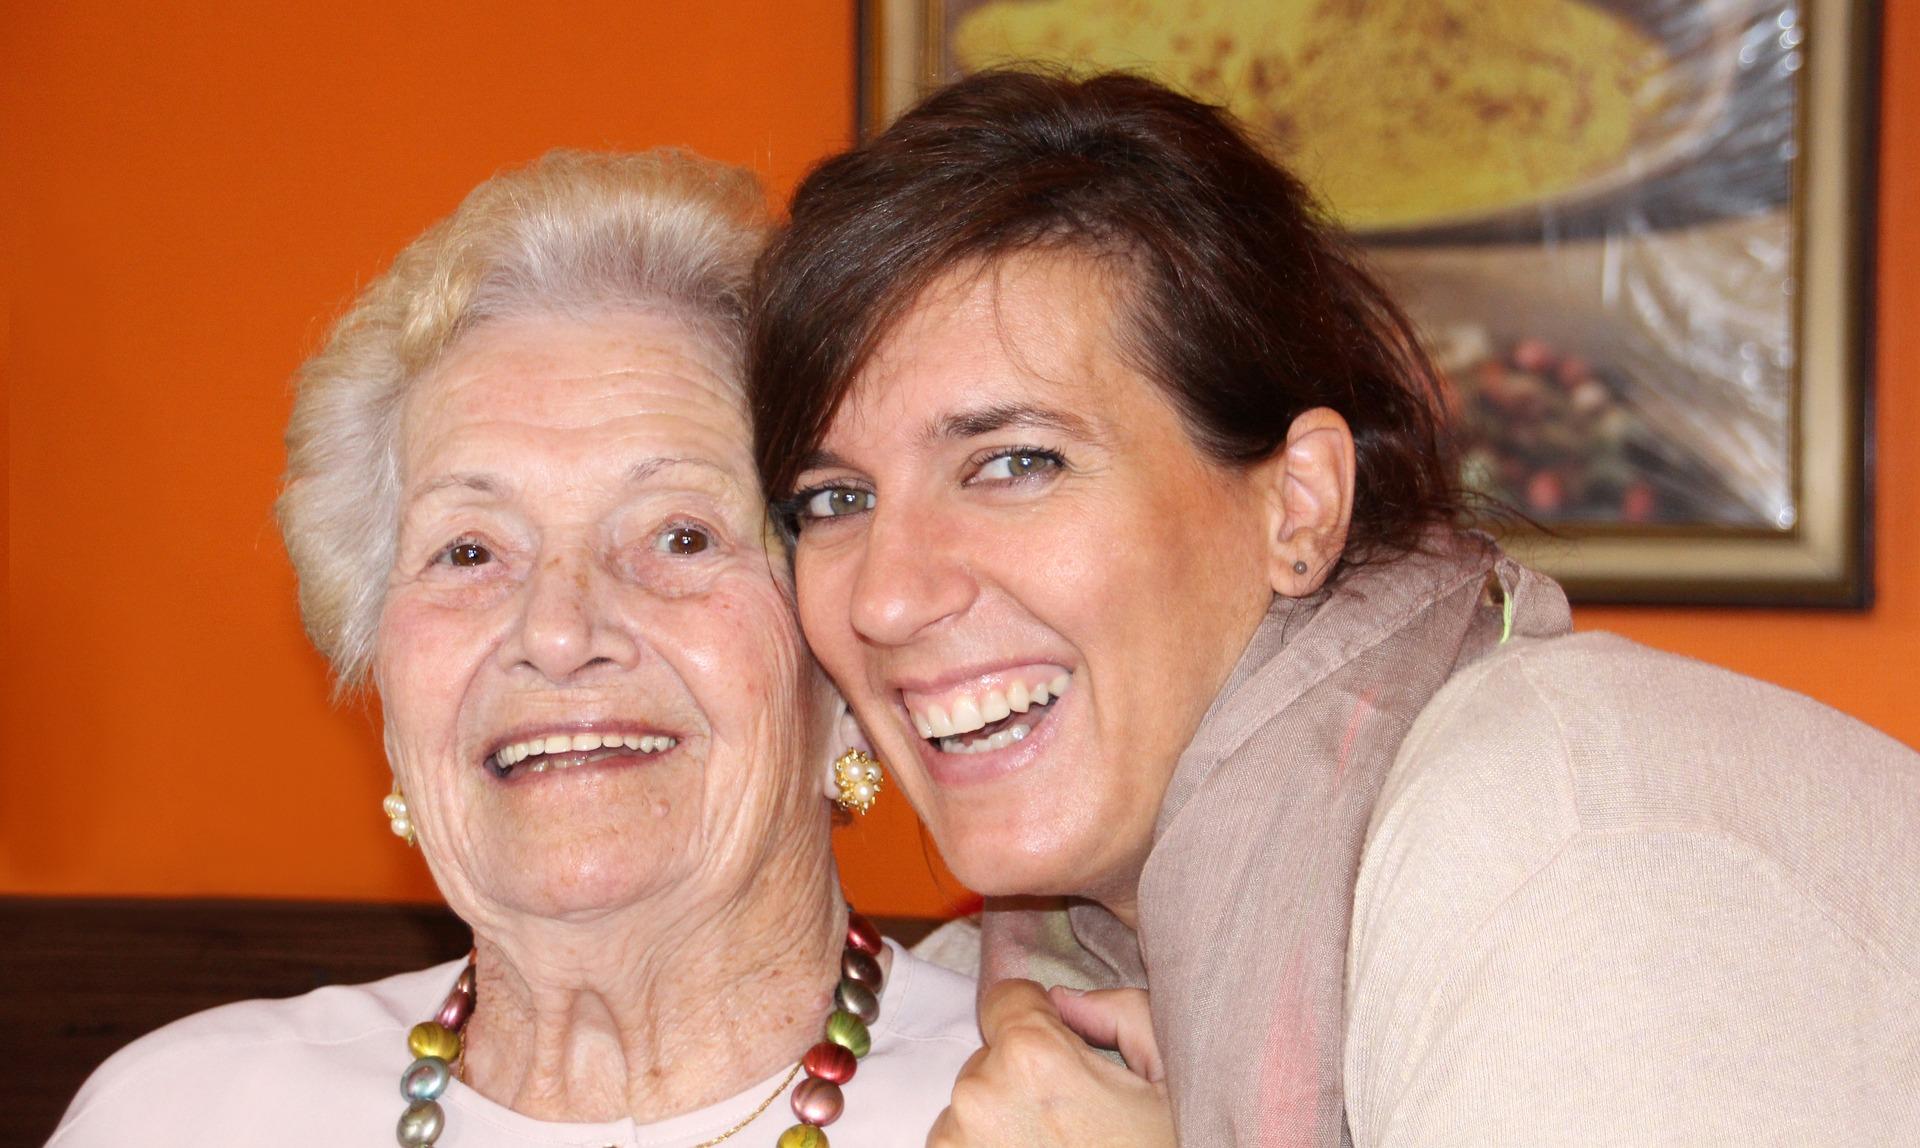 Alte Frau mit Pflegerin in die Kamera lächelnd